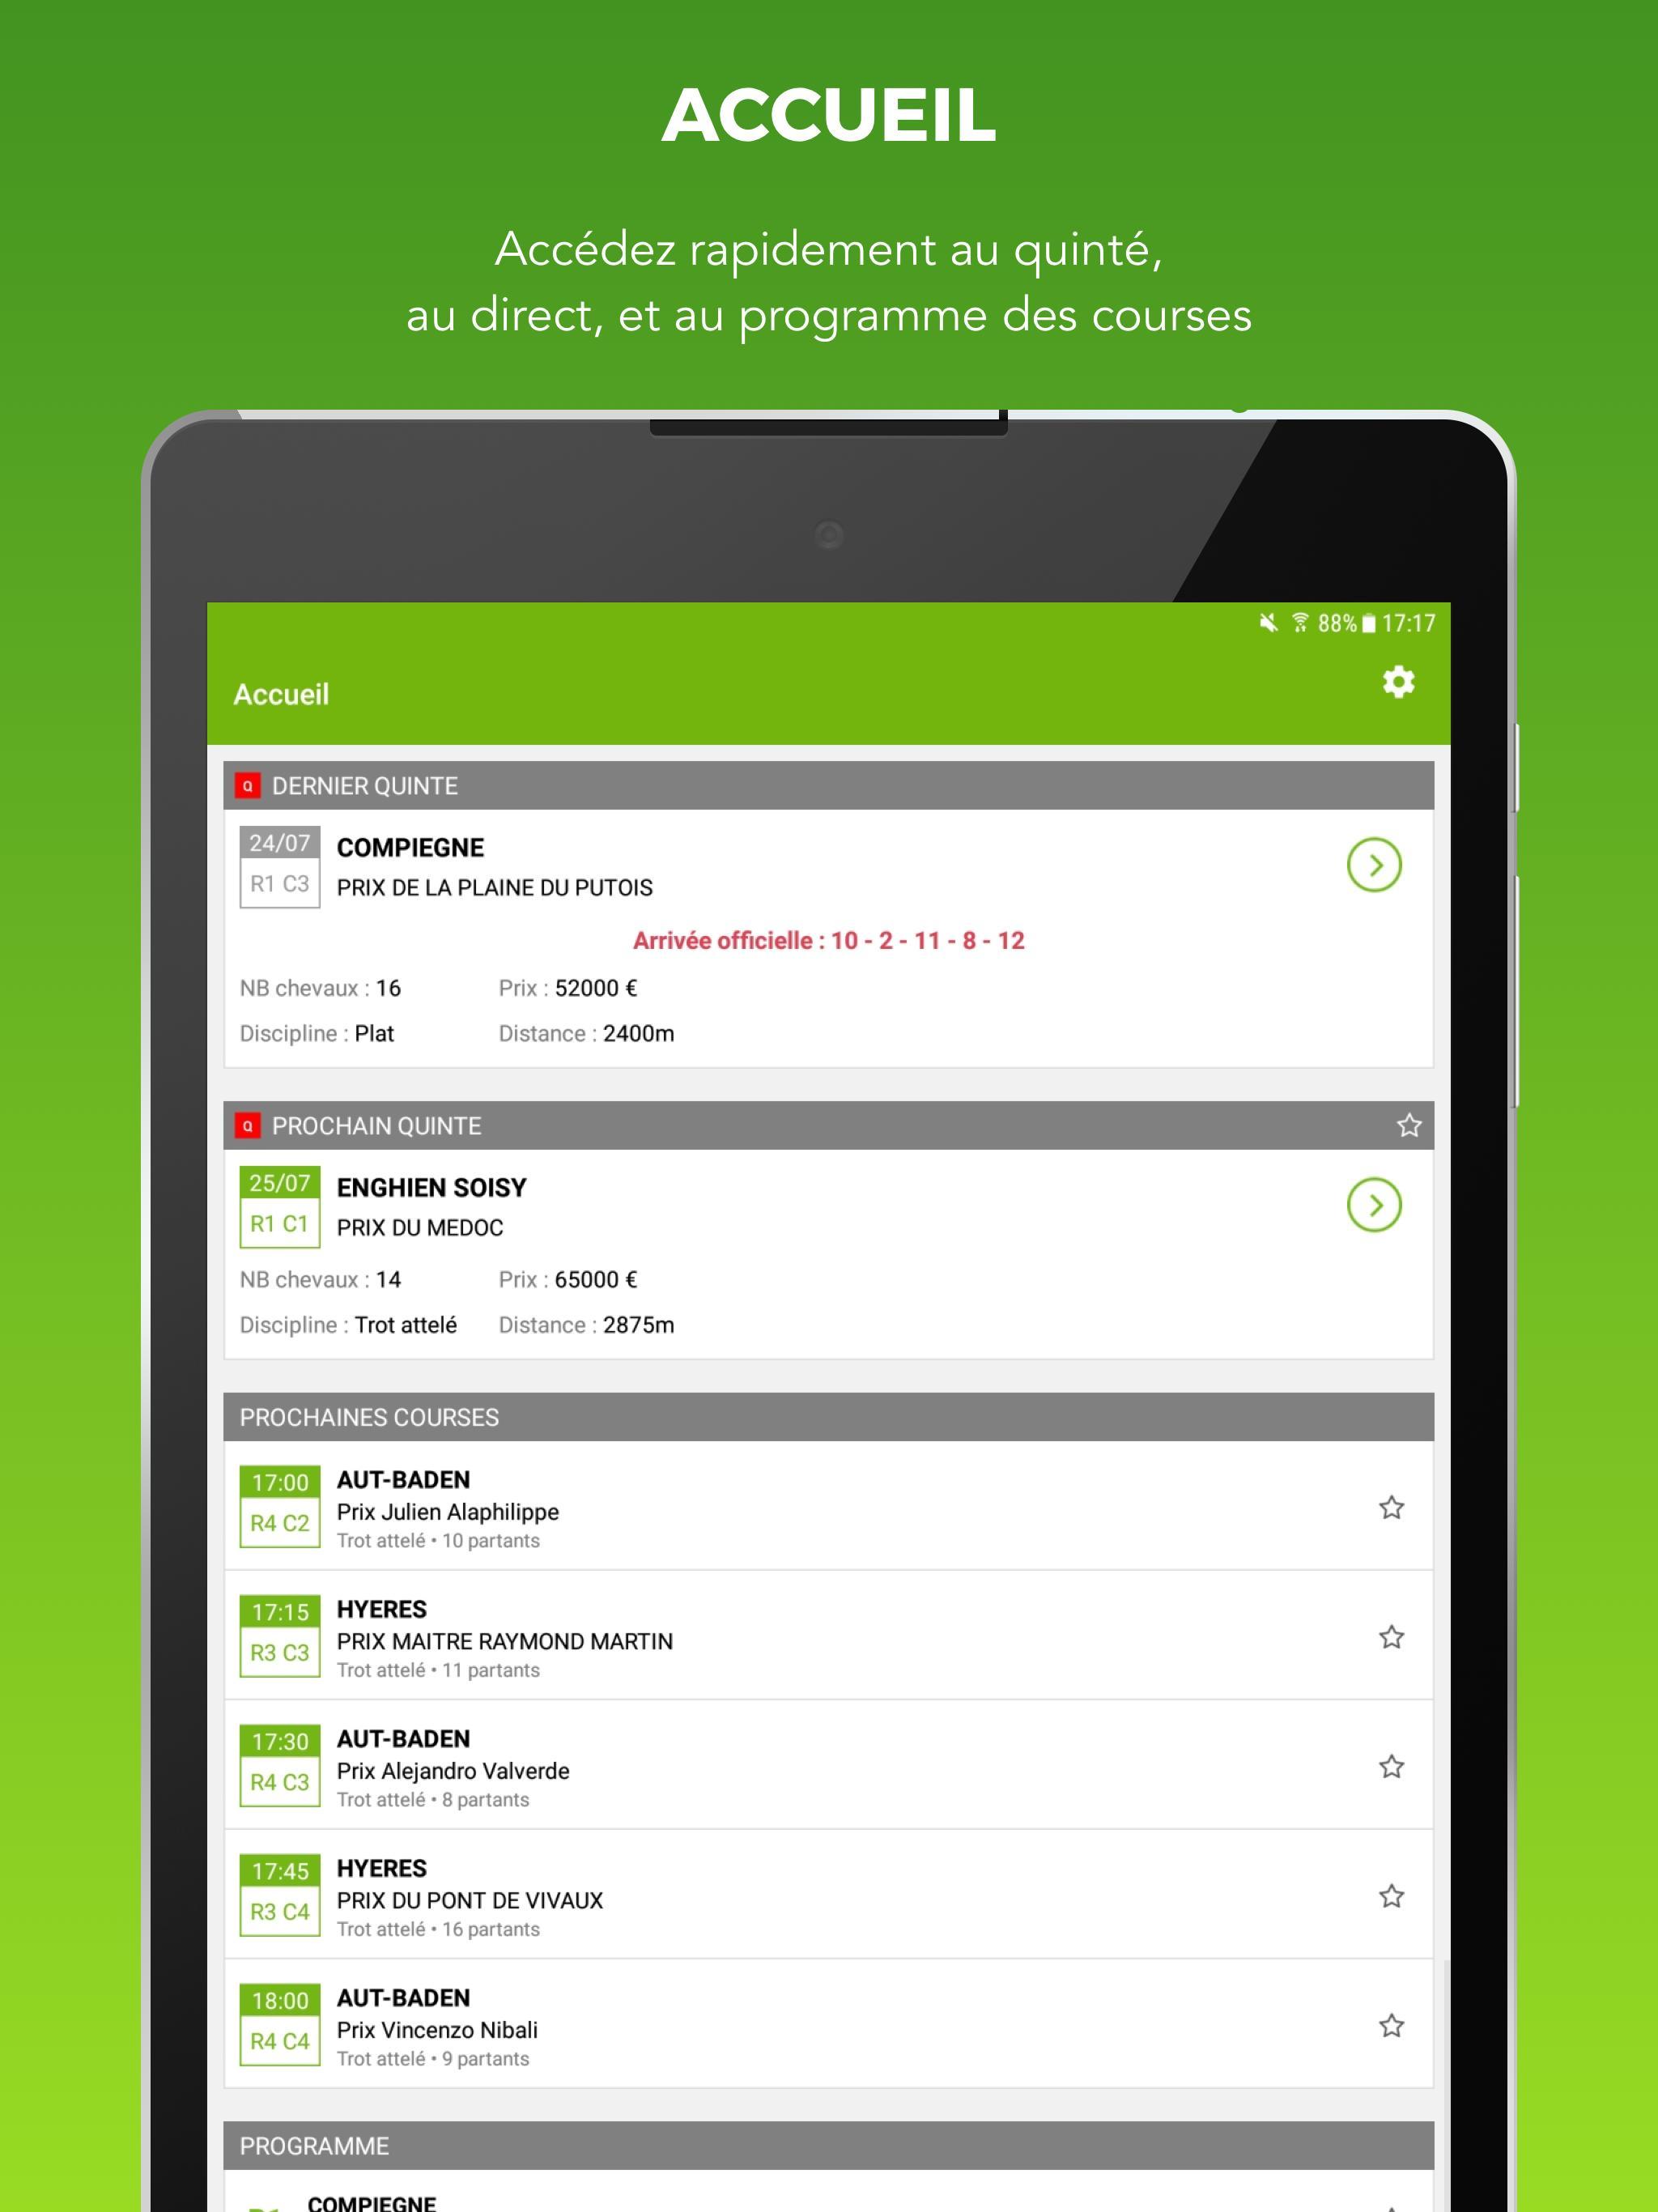 Turf résultats des courses for Android - APK Download